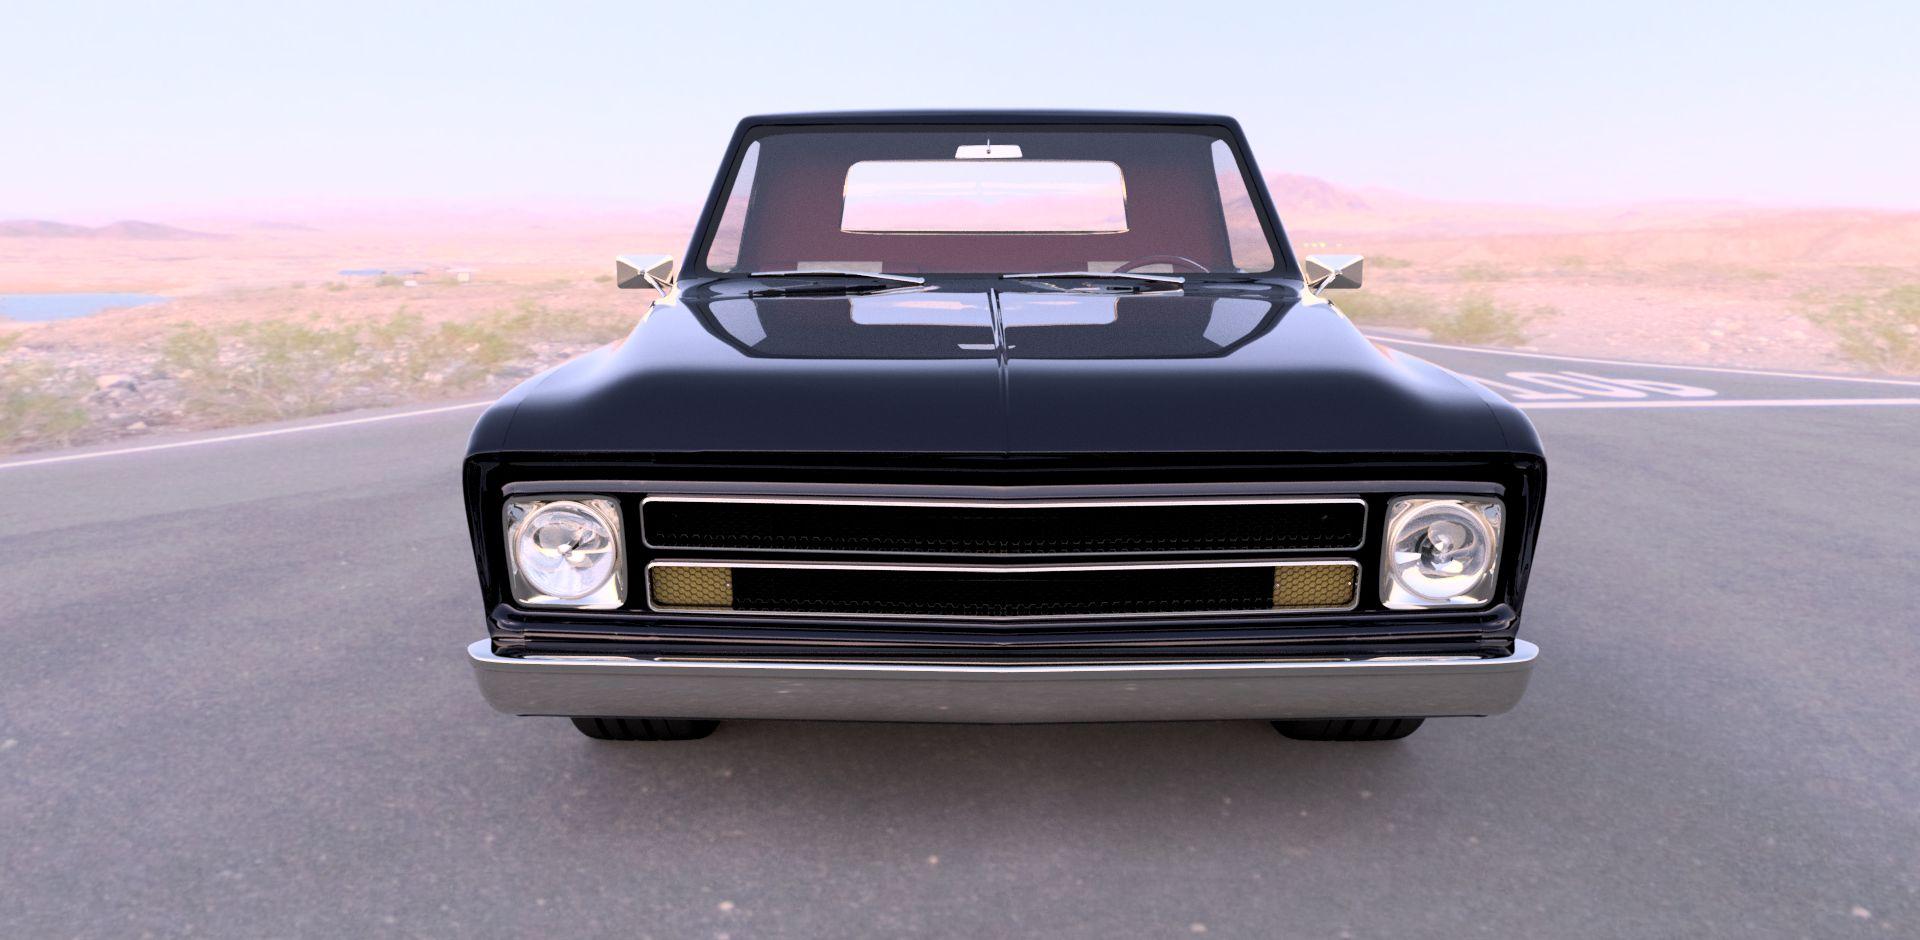 Truck-body5-v57-3500-3500